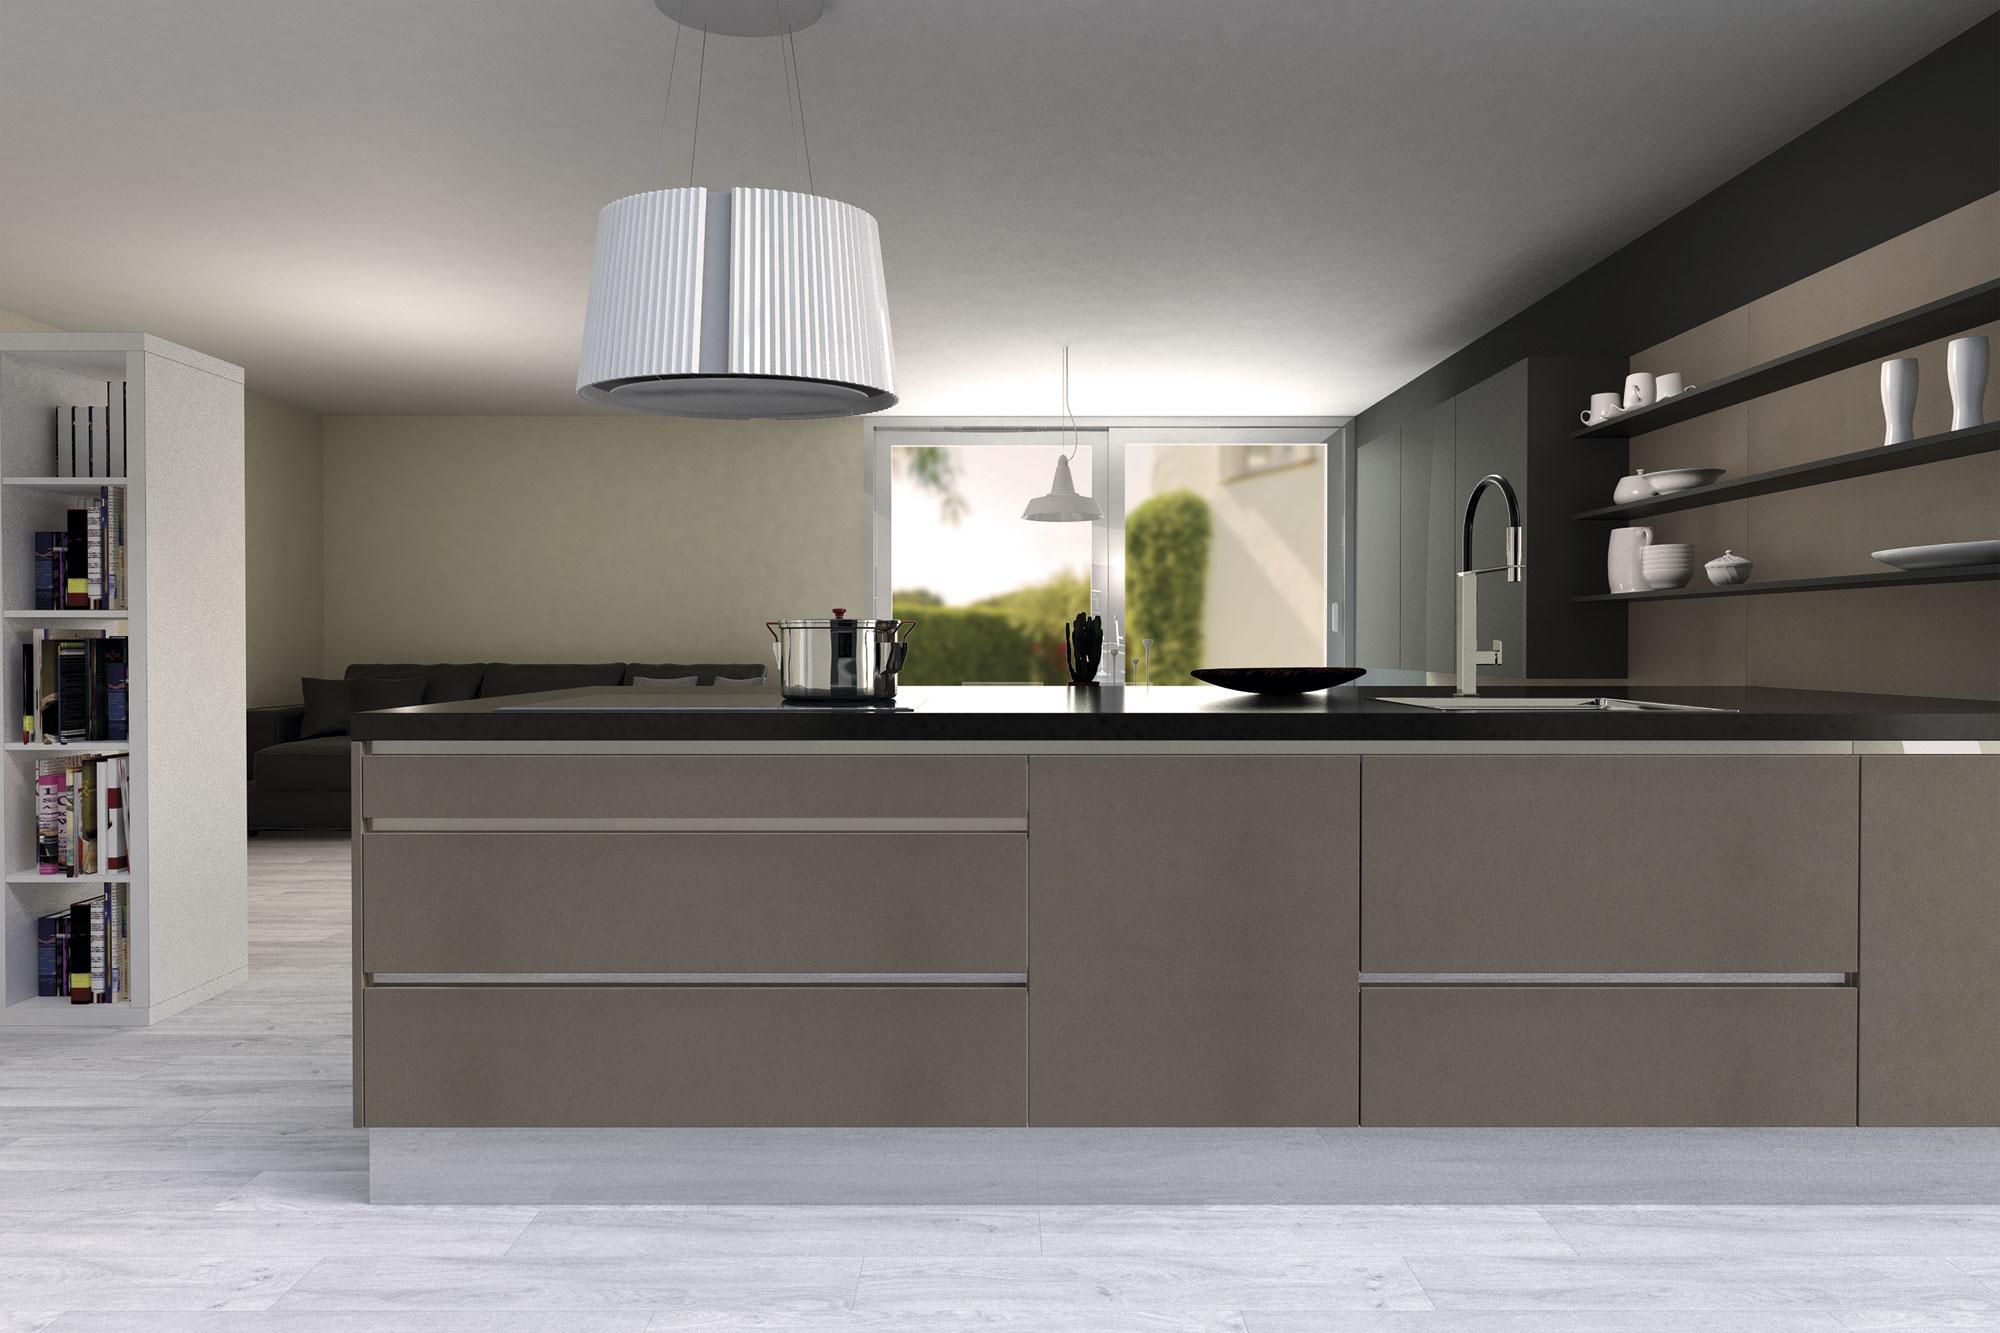 Emejing Colores De Muebles De Cocina Gallery - Casa & Diseño Ideas ...